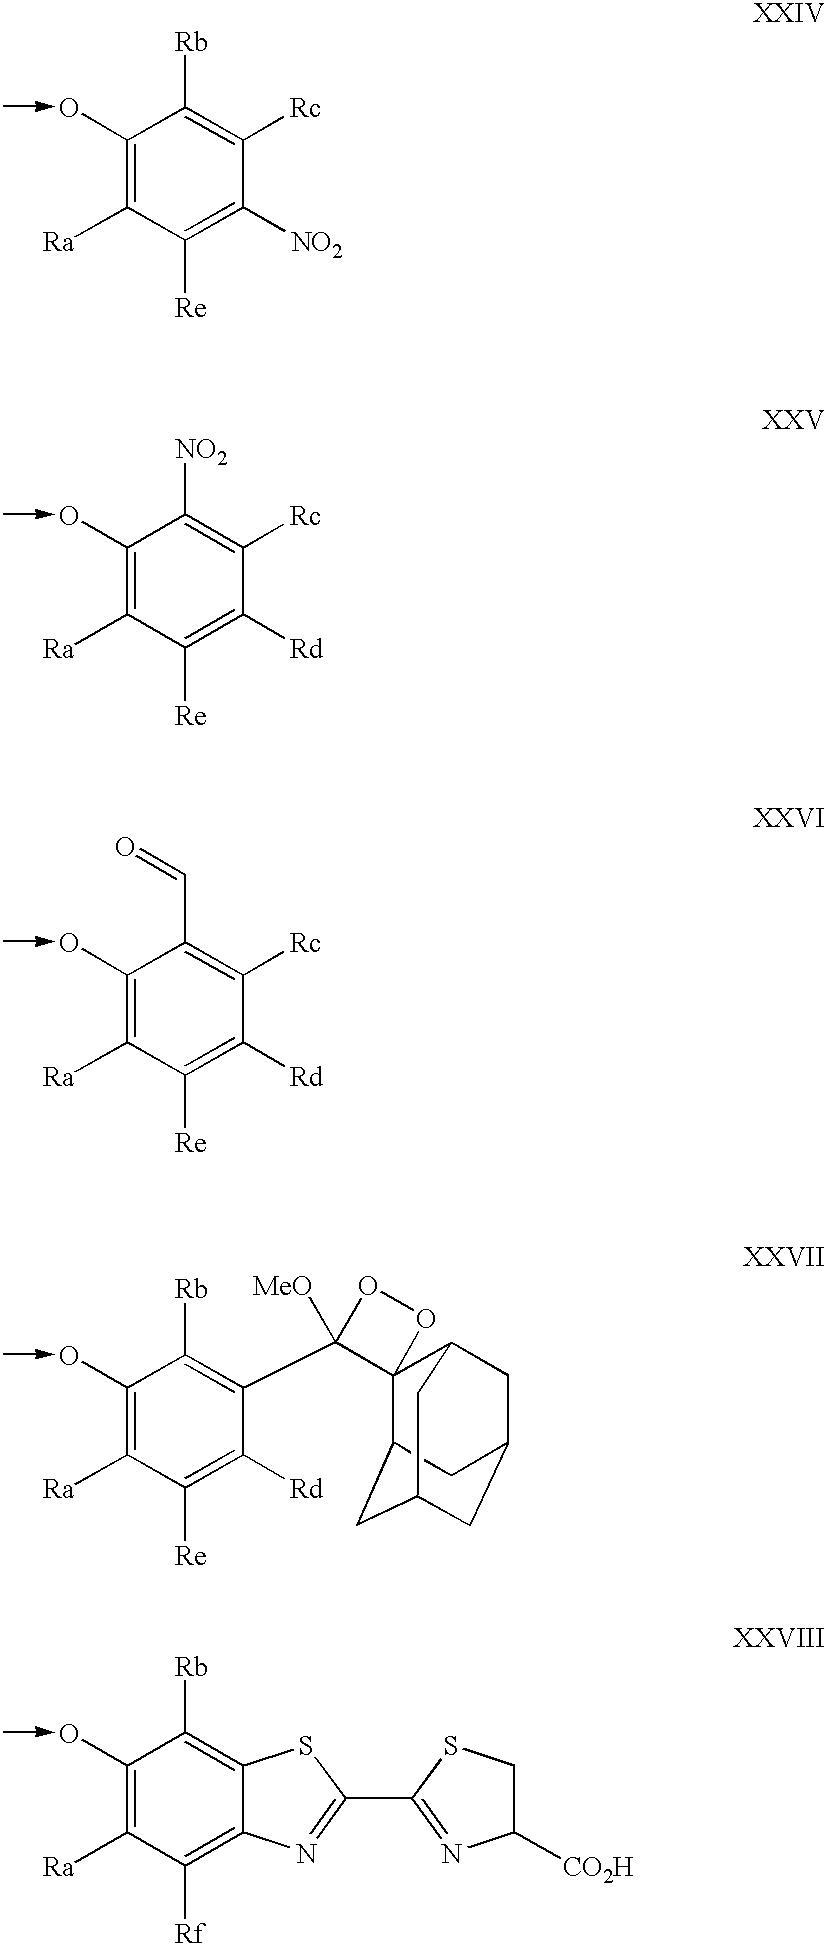 Figure US06514687-20030204-C00005